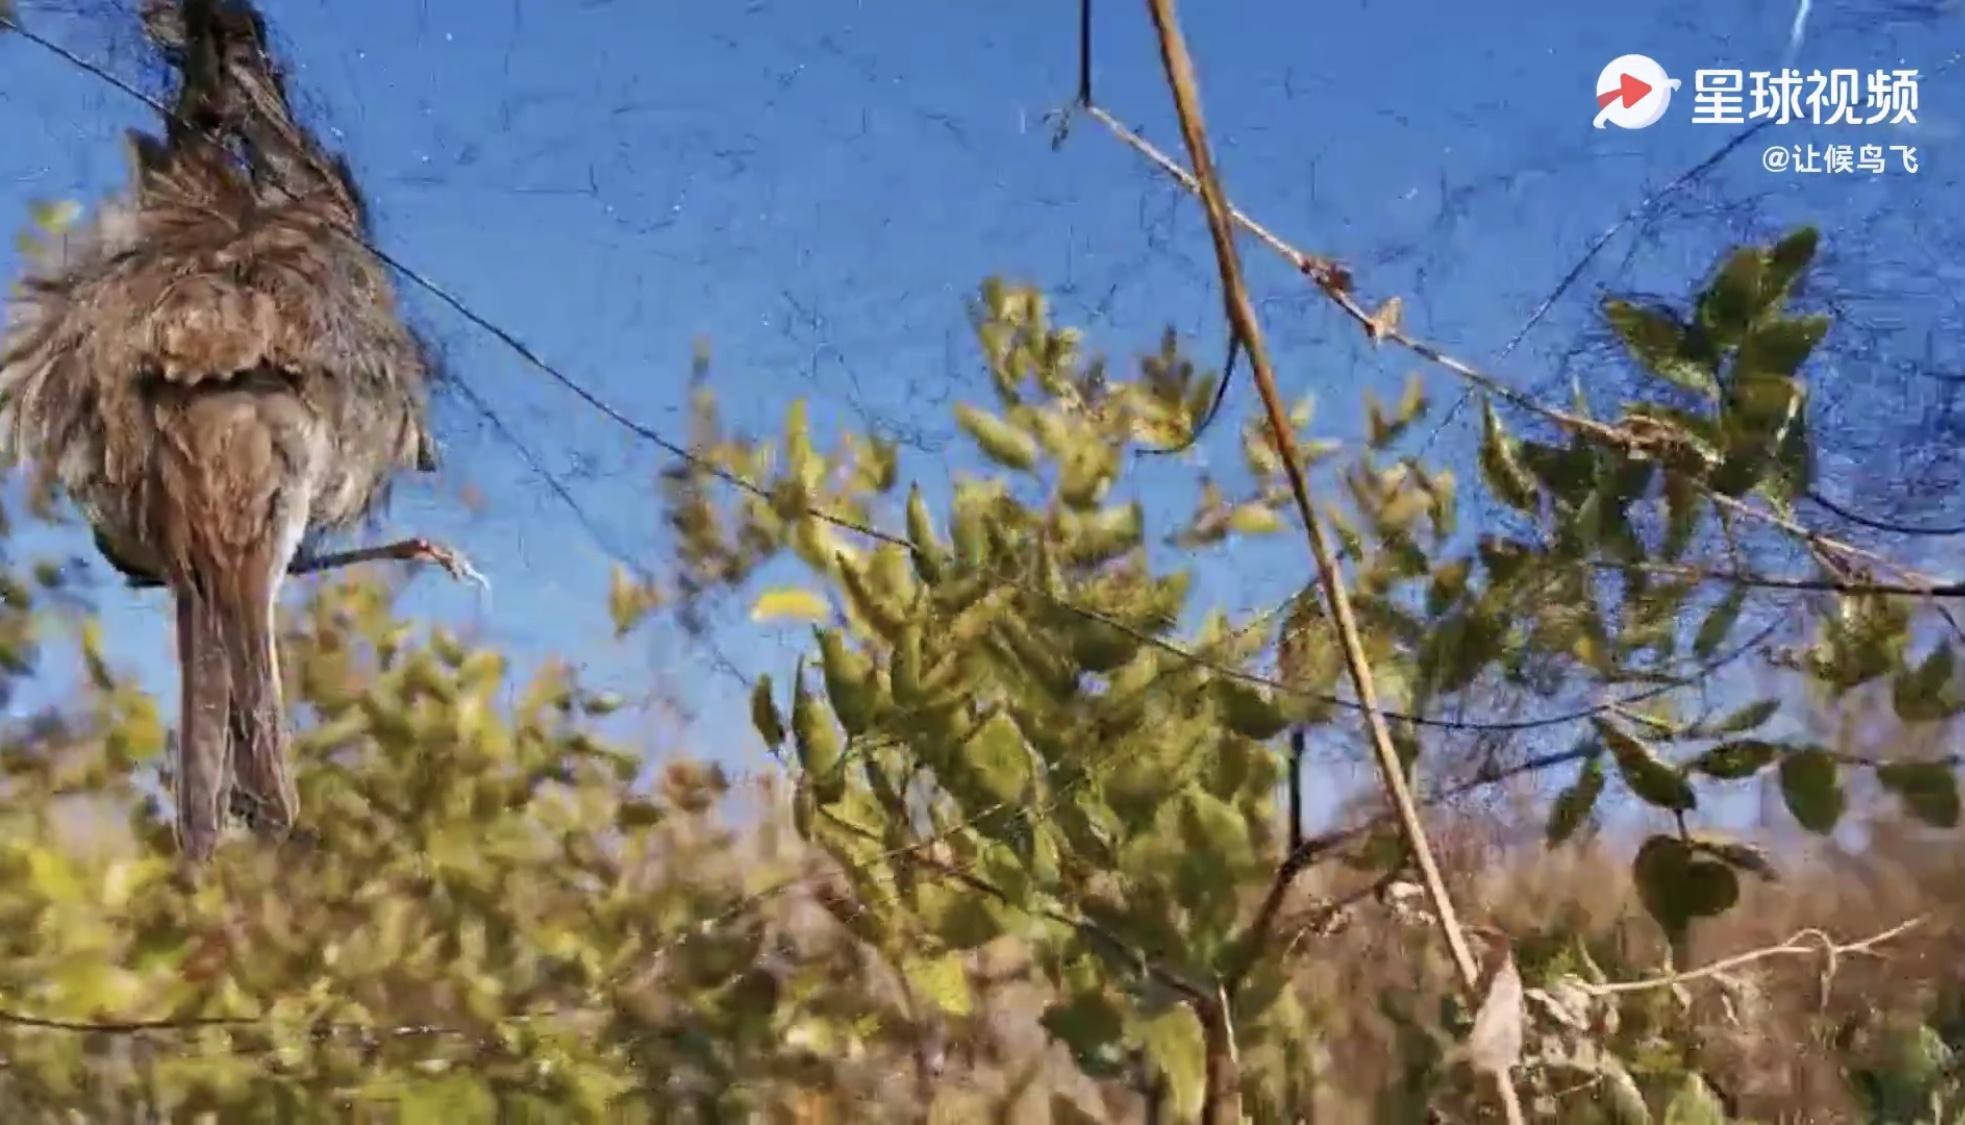 河北多地现大量捕鸟网,国家林草局要求加大迁徙季鸟类保护图片